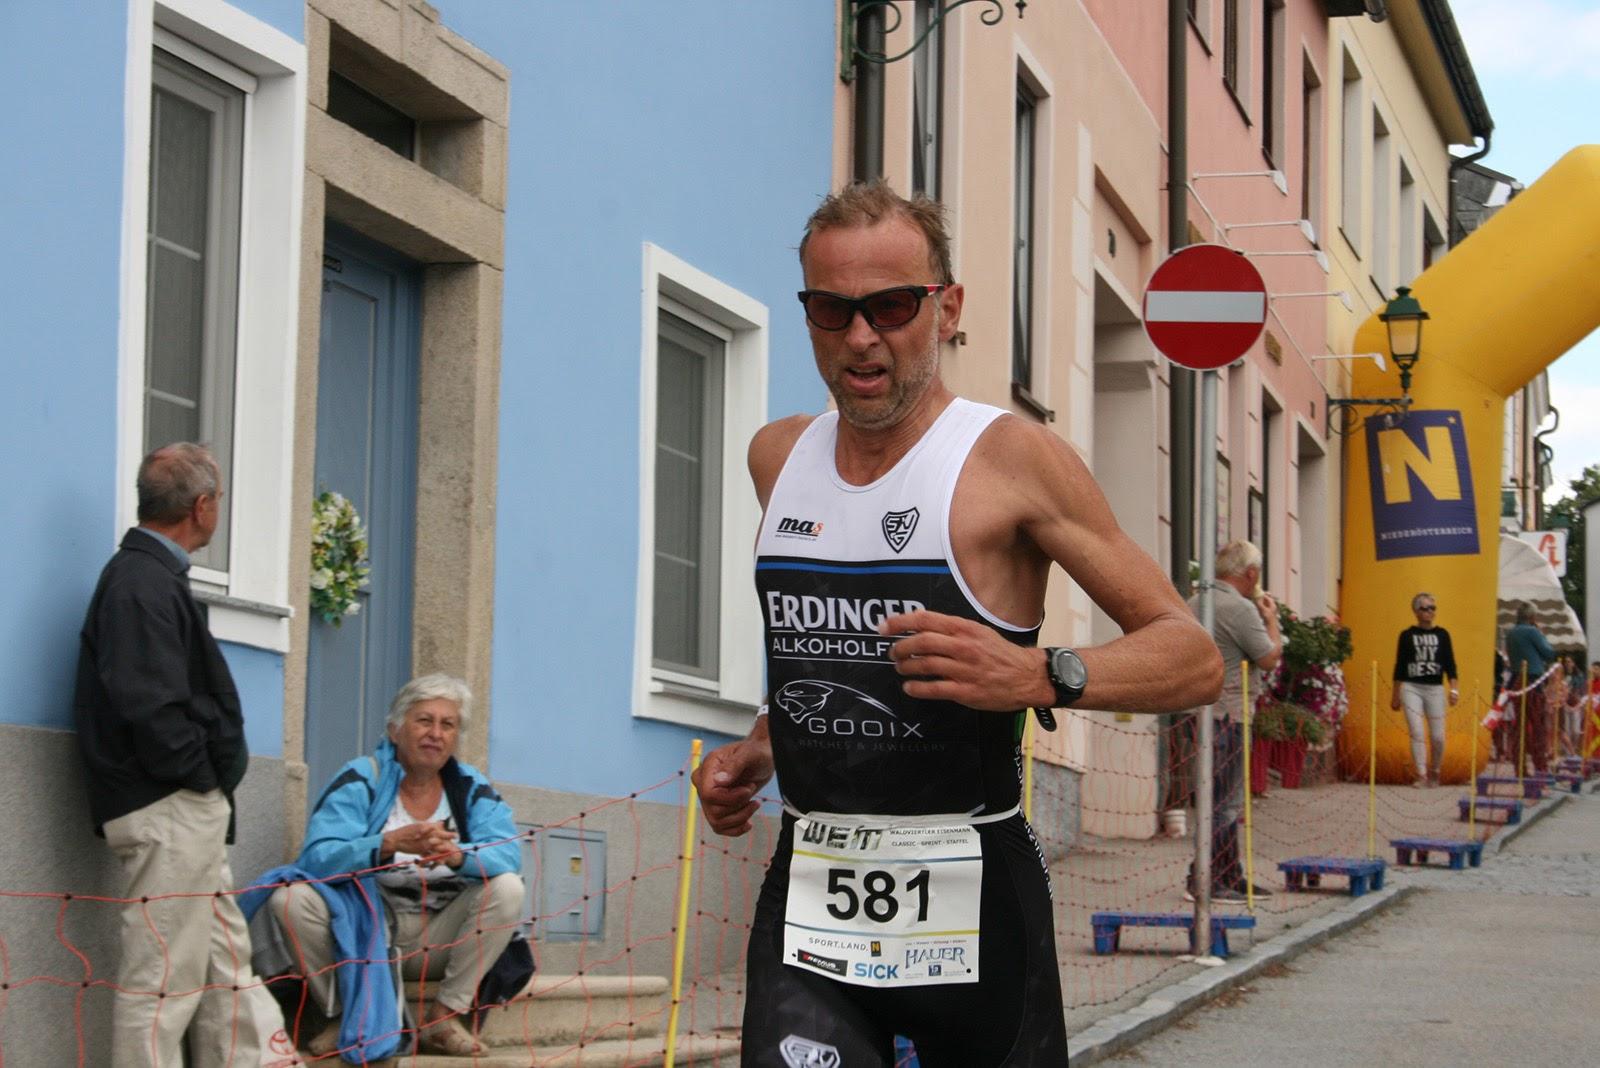 Harald Seibert